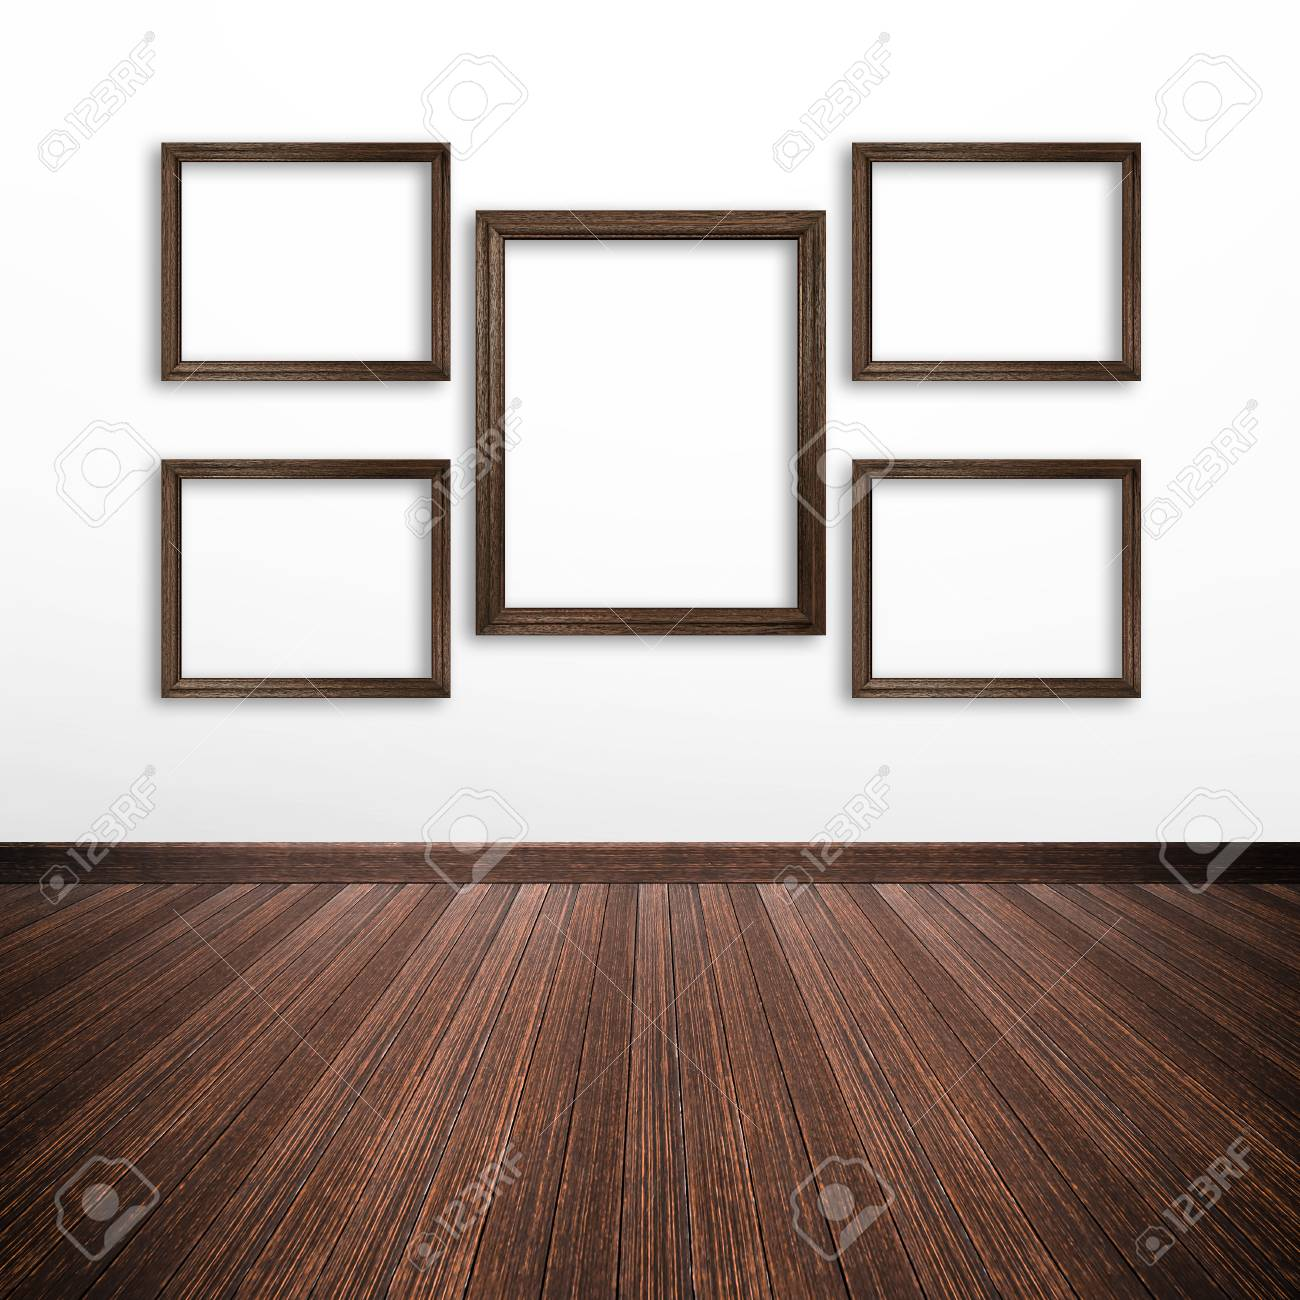 Holz-Bilderrahmen Auf Weiße Wand In Den Raum Lizenzfreie Fotos ...